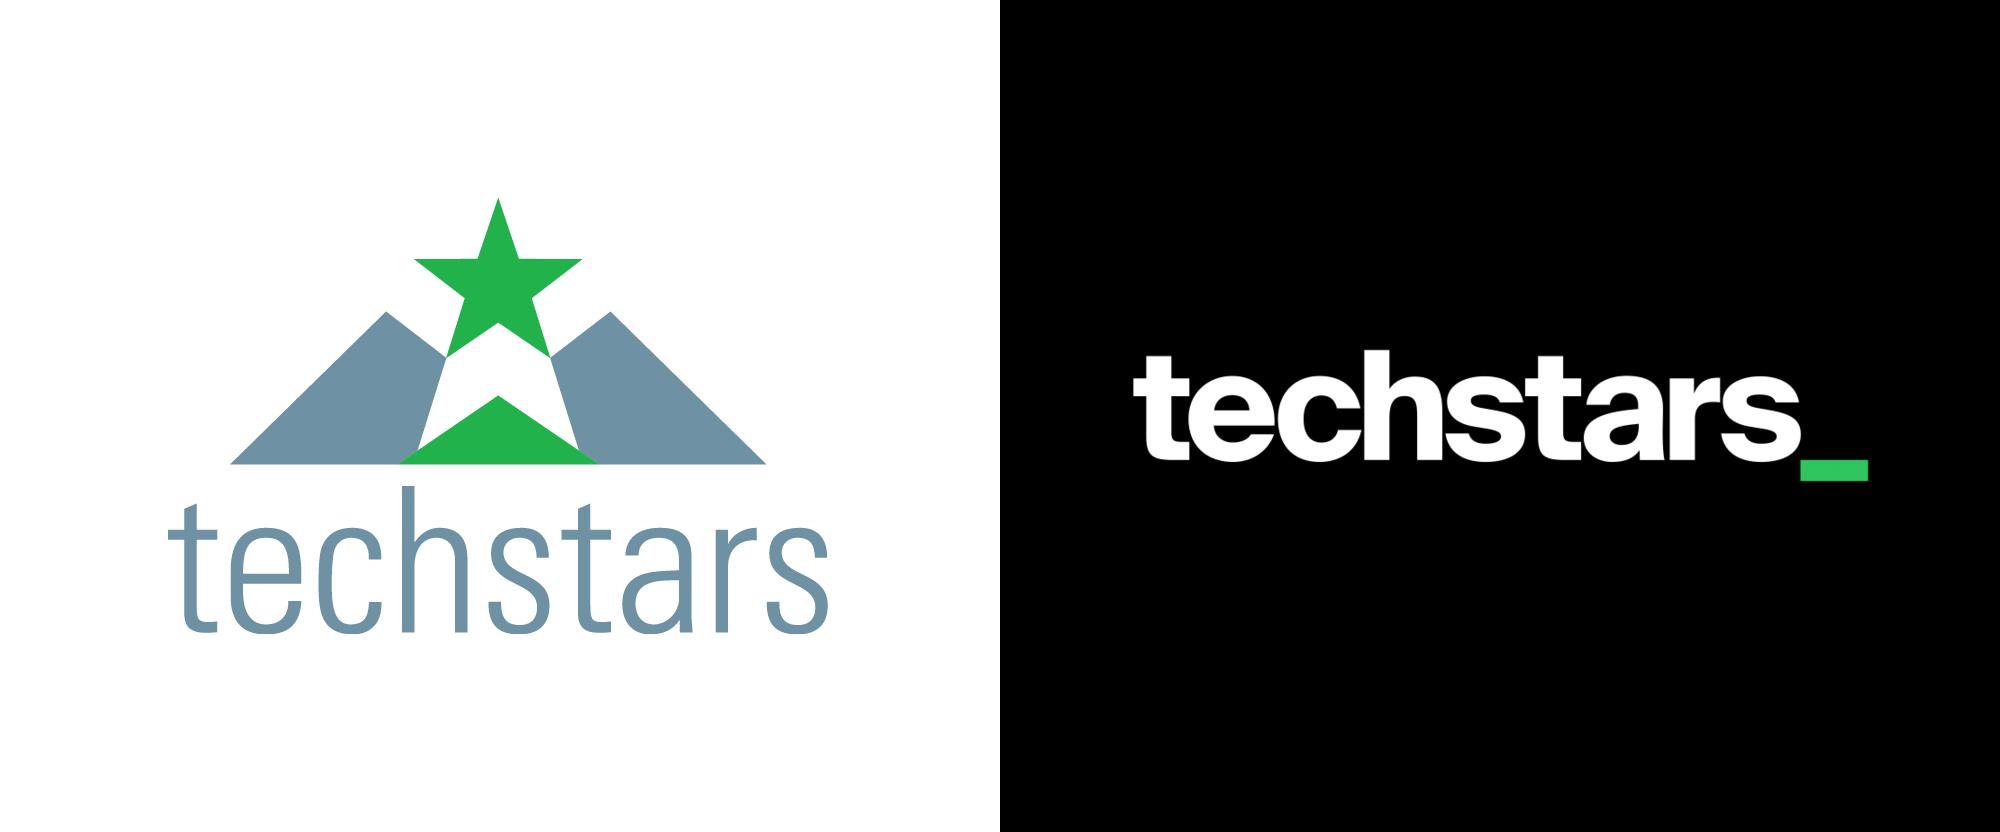 New Logo for Techstars